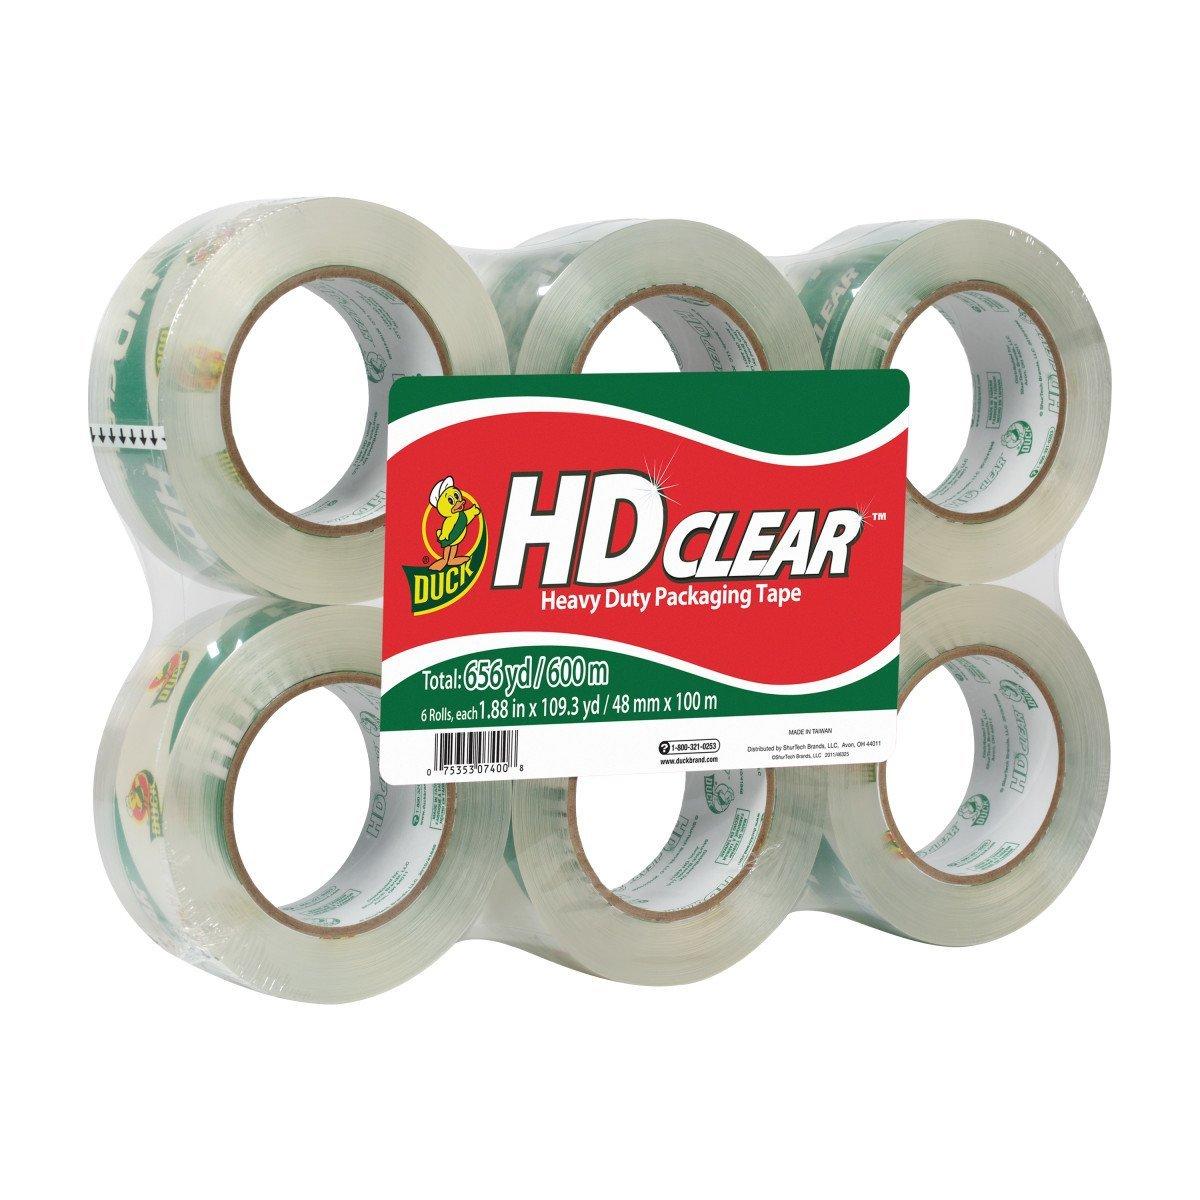 6-Pack 109yd Duck HD Clear Heavy Duty Packaging Tape Refill $12.16 @ Amazon